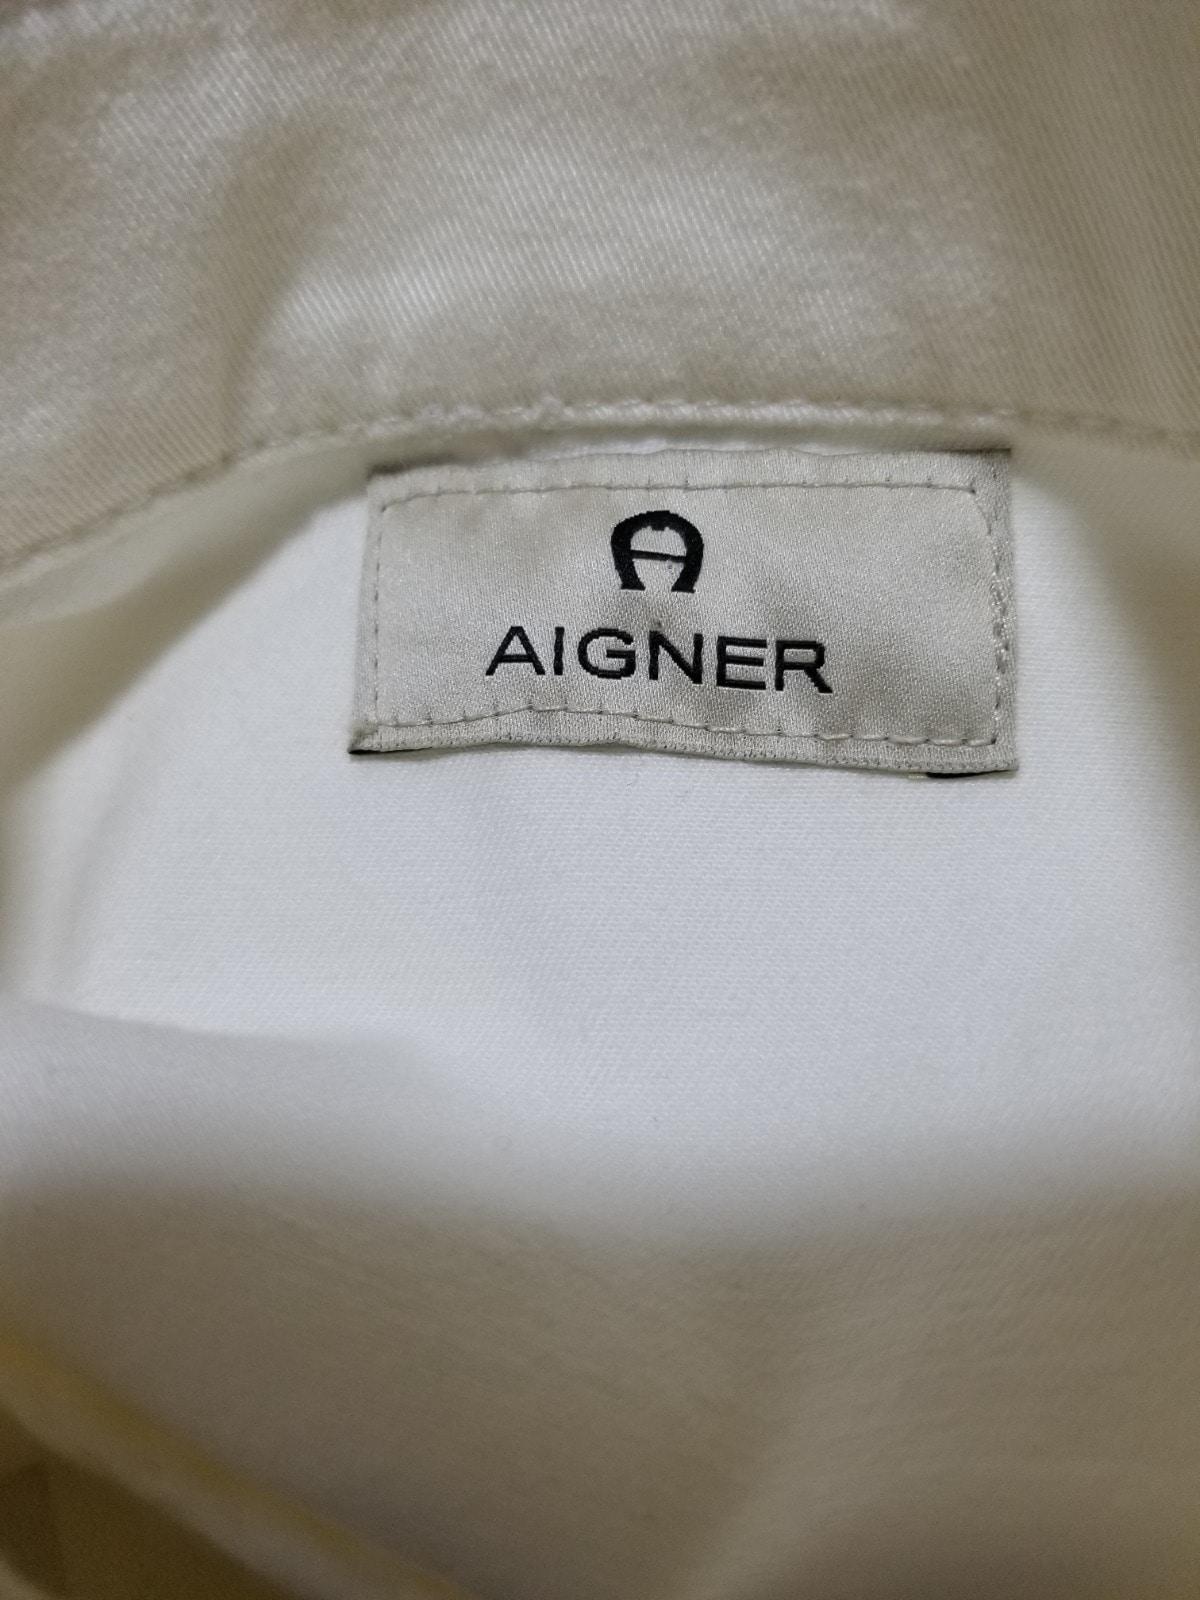 AIGNER(アイグナー)のブルゾン